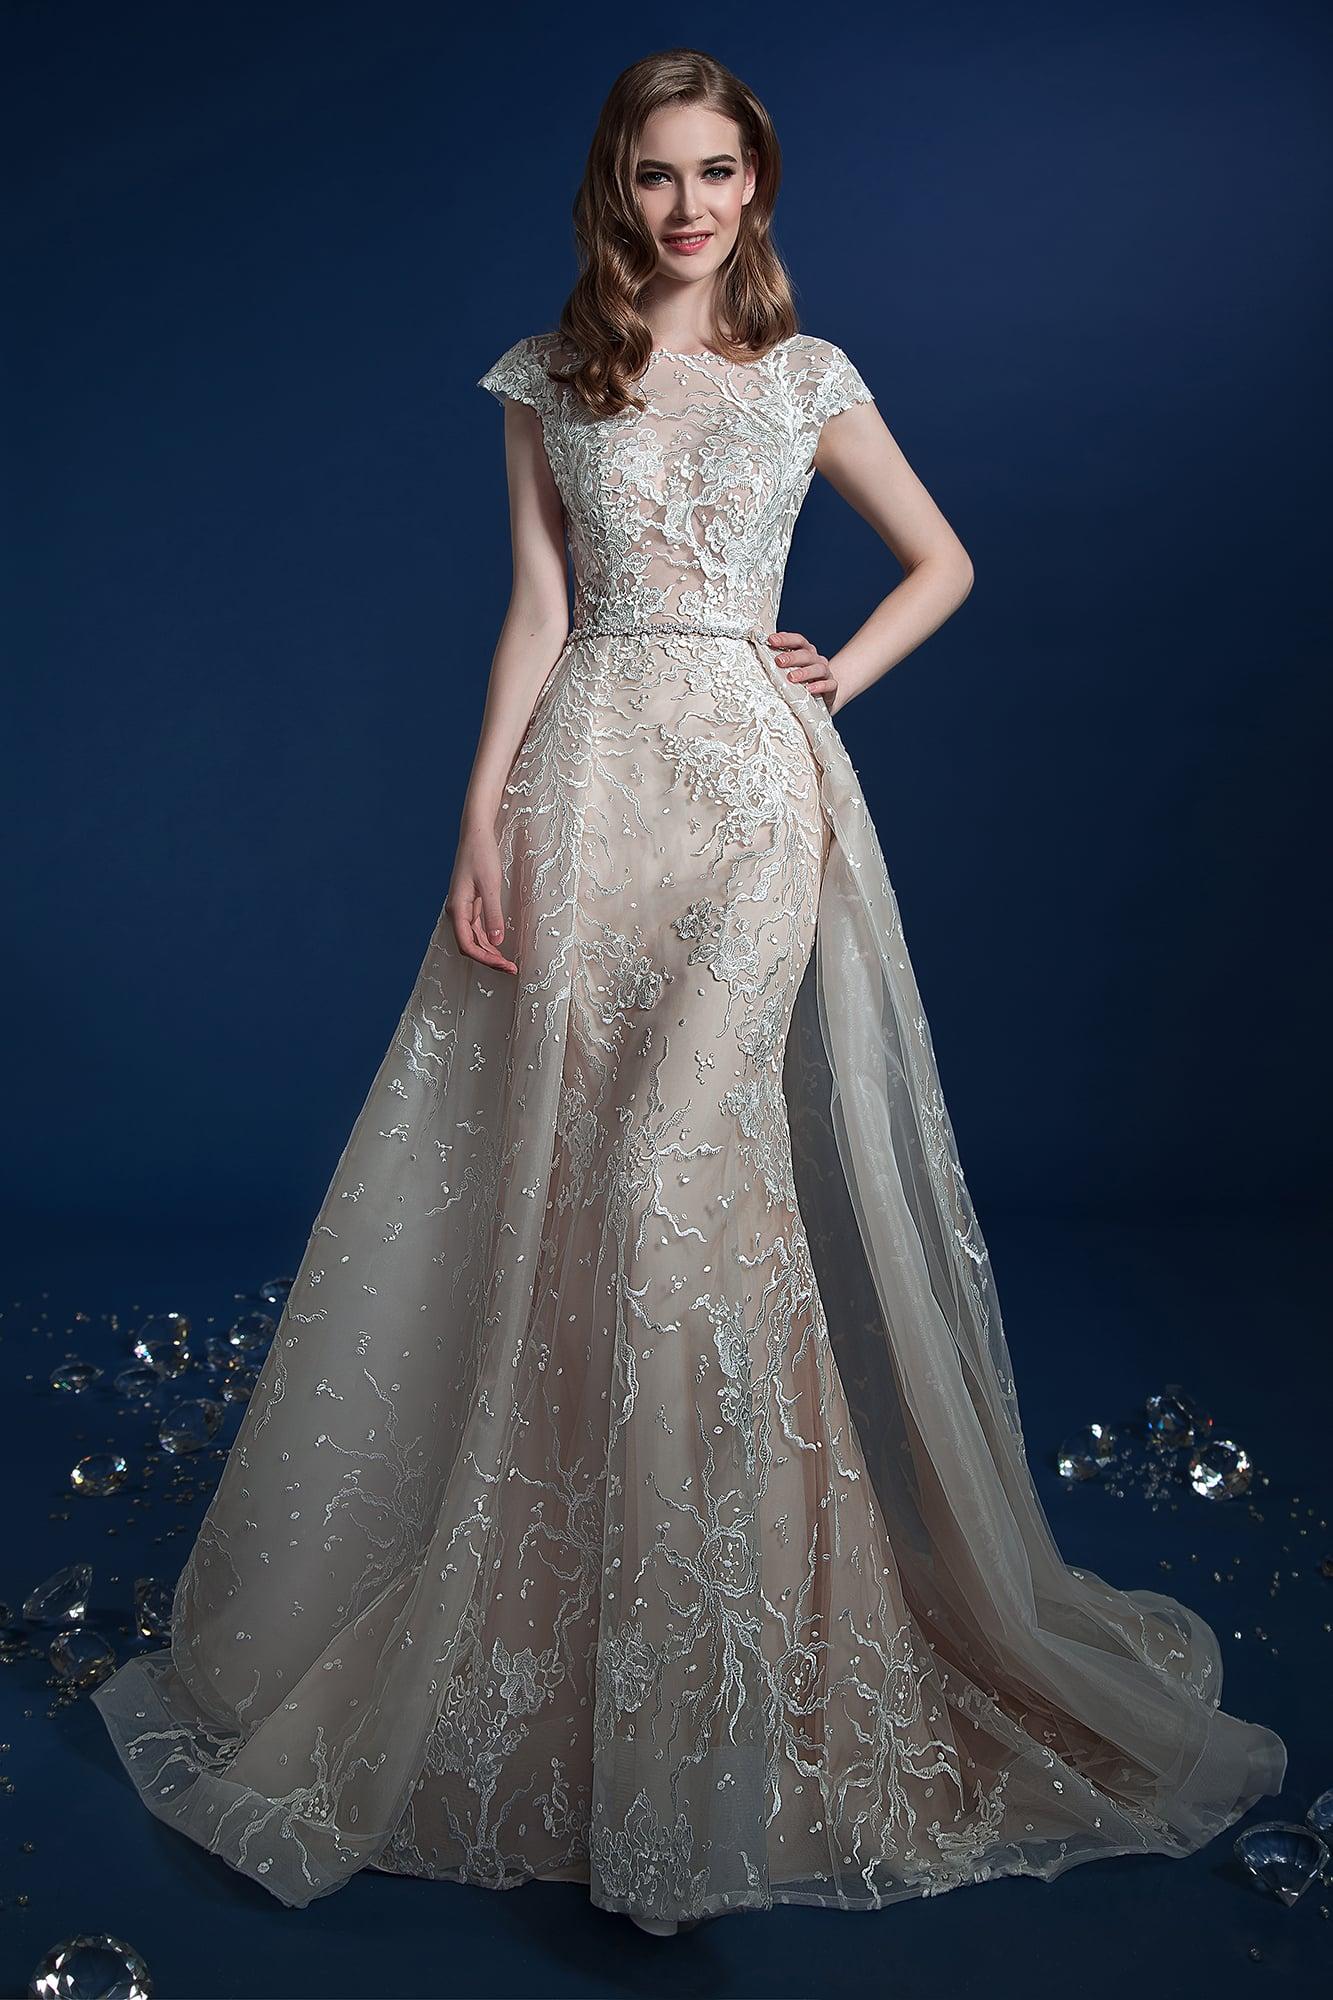 cfa625963c4a67 Бежевое свадебное платье-трансформер с кружевным декором и верхней юбкой.